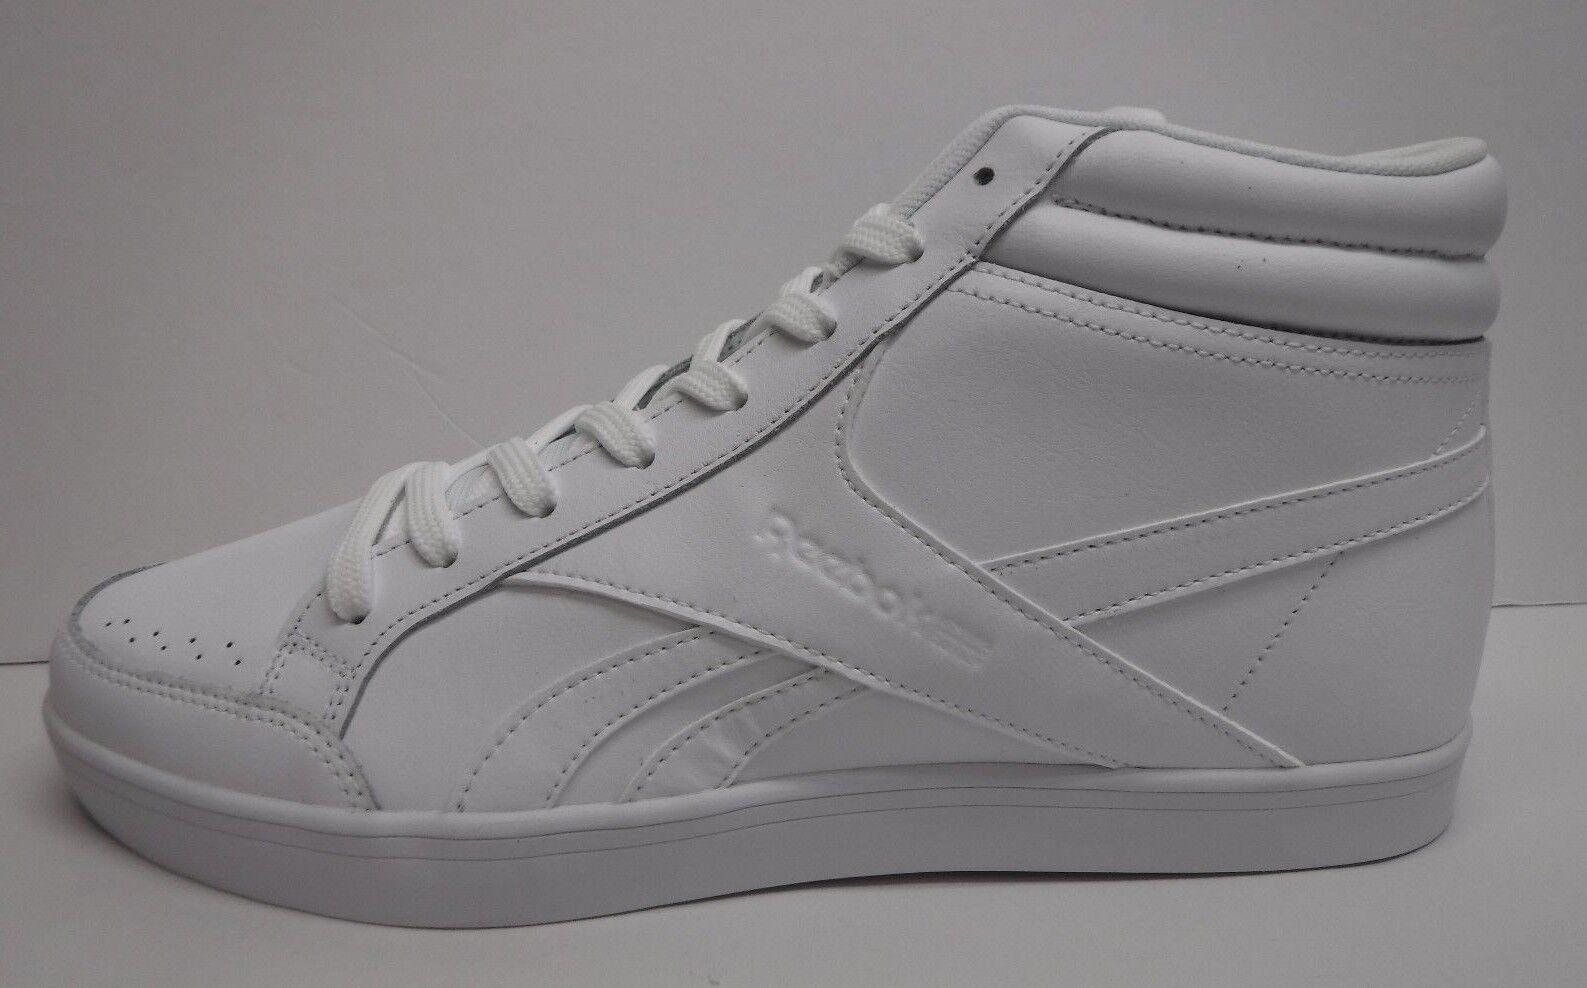 Reebok Dimensione 10.5 10.5 10.5 bianca High Top scarpe da ginnastica New donna scarpe c3e9c1